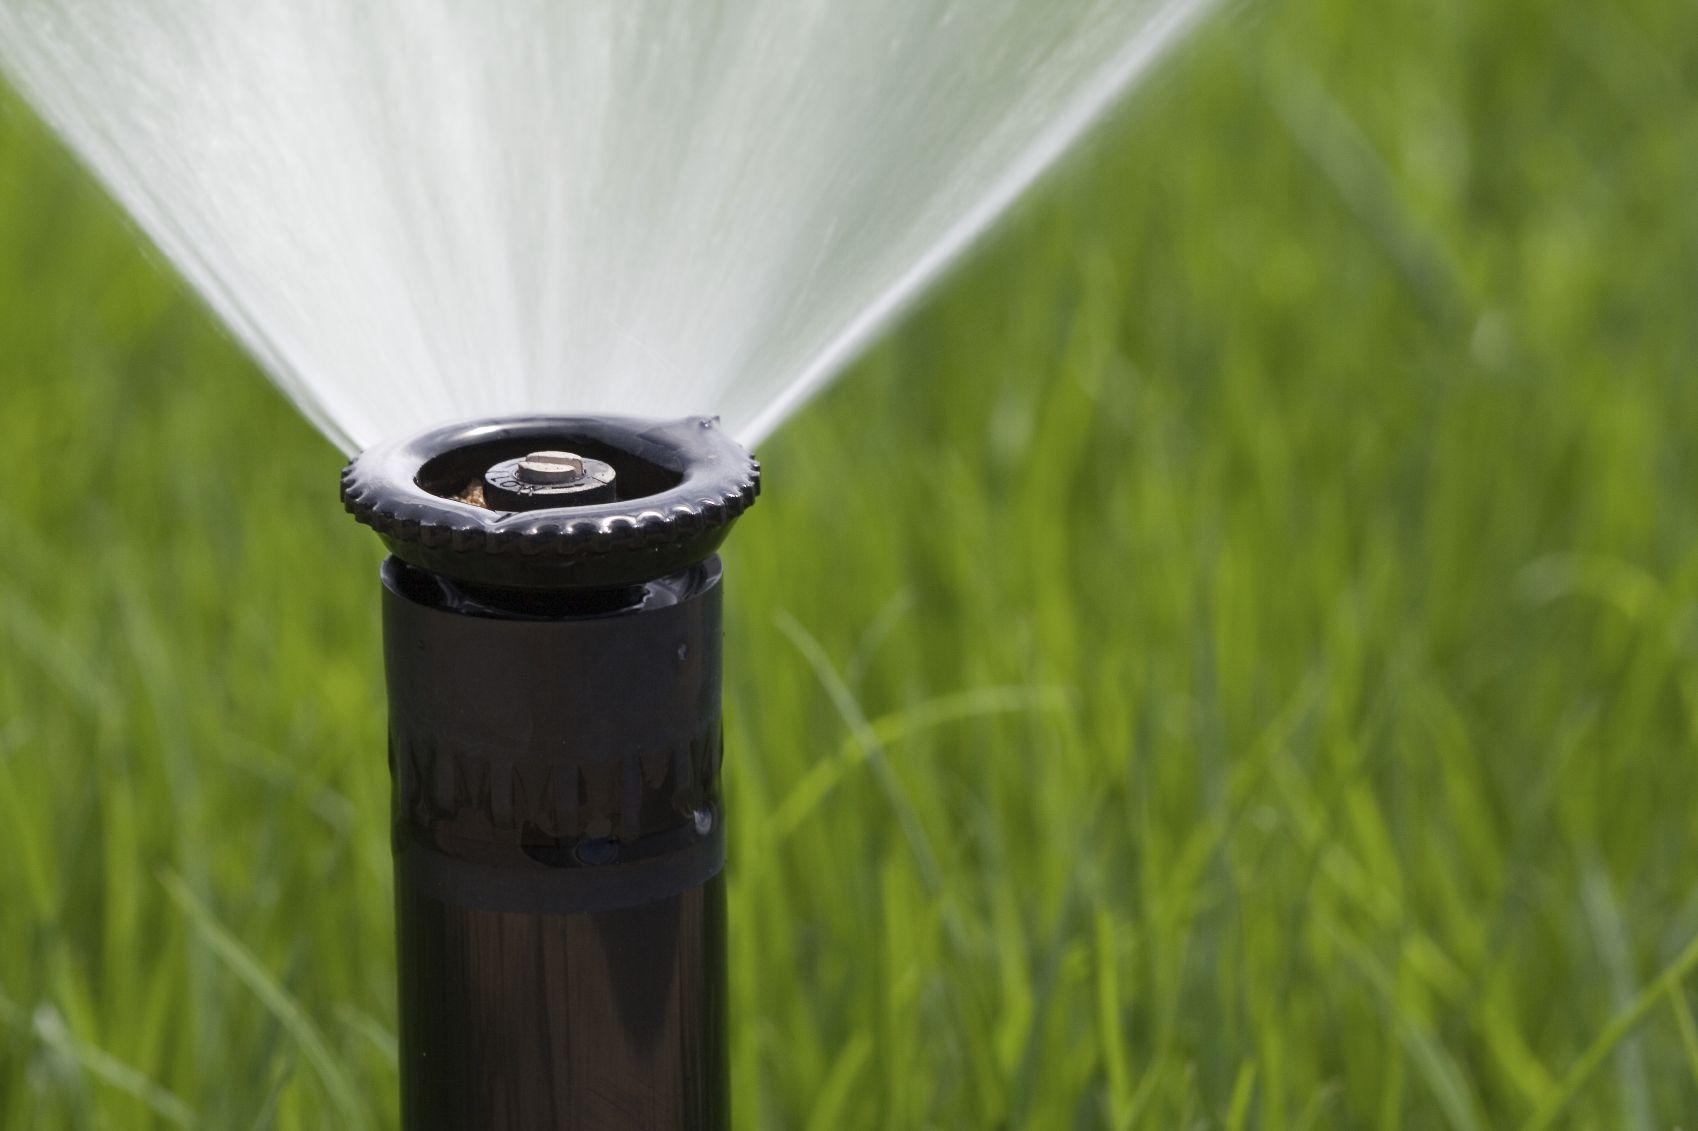 Landscaping Colorado Springs Landscape Design Timberline Sprinkler System Cost Sprinkler Repair Sprinkler Heads